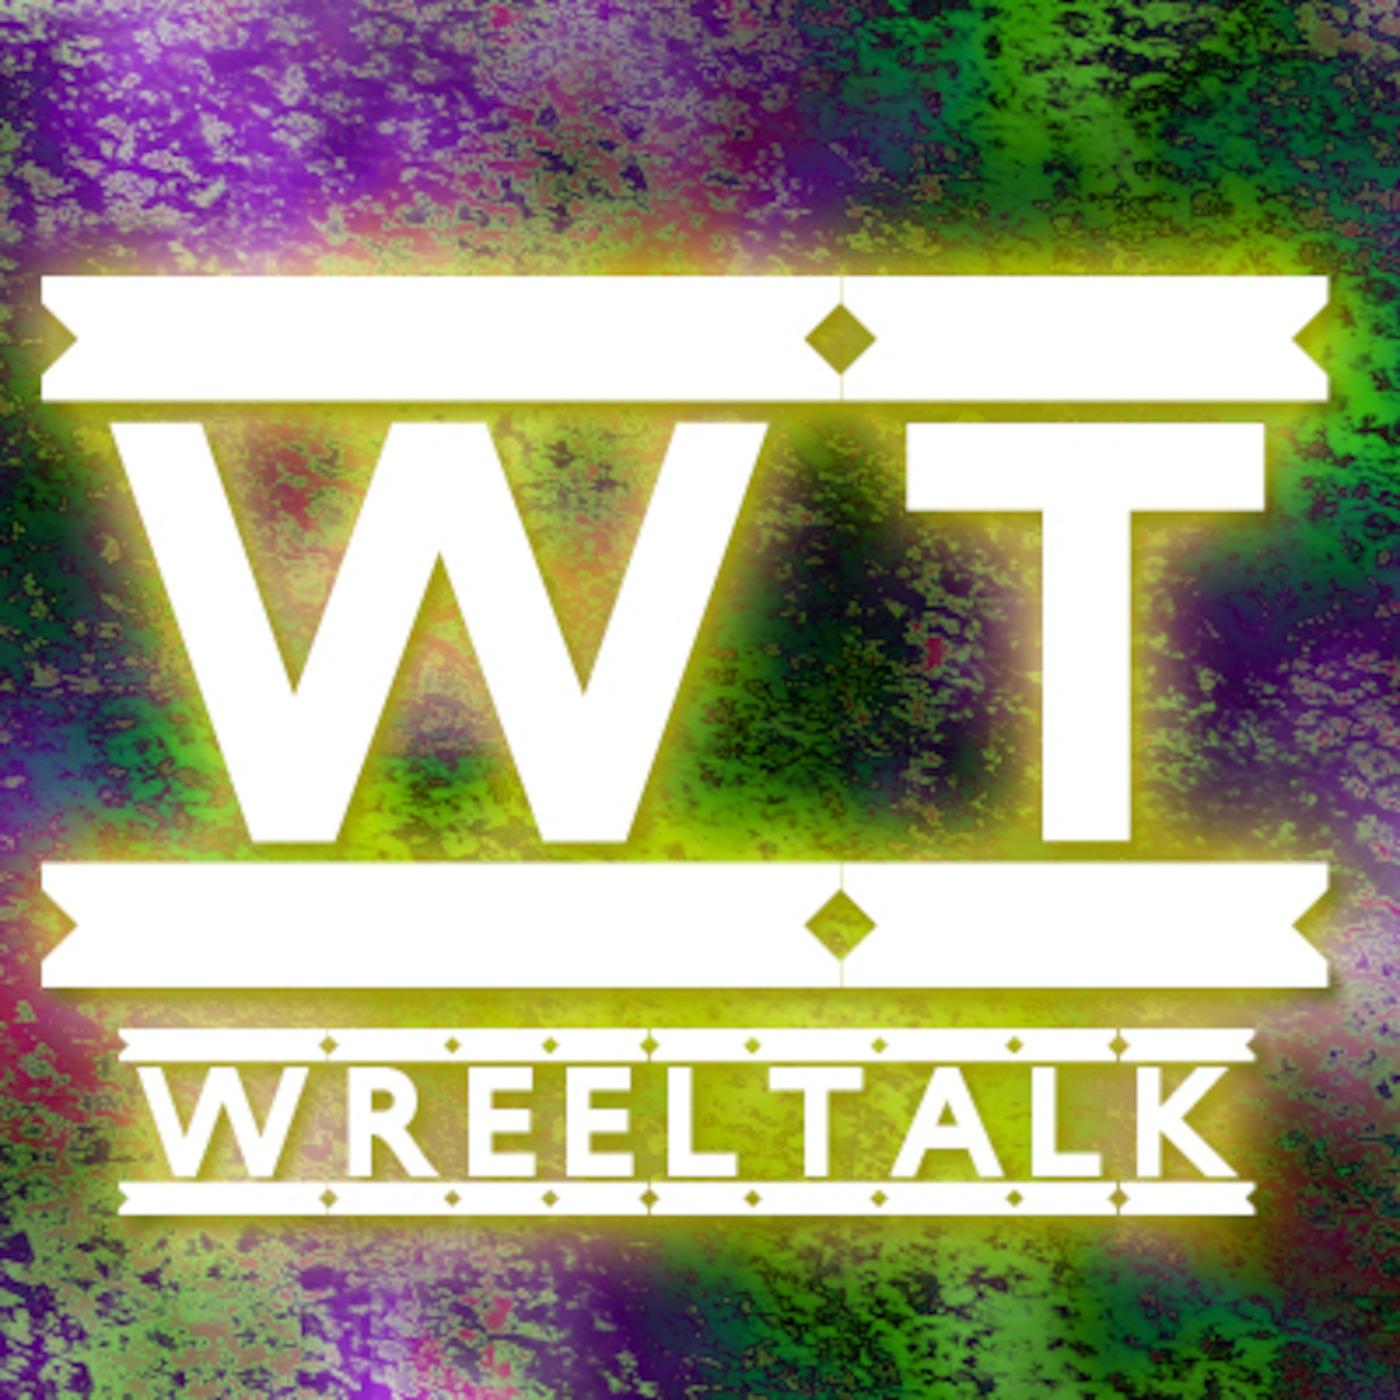 Wreel Talk